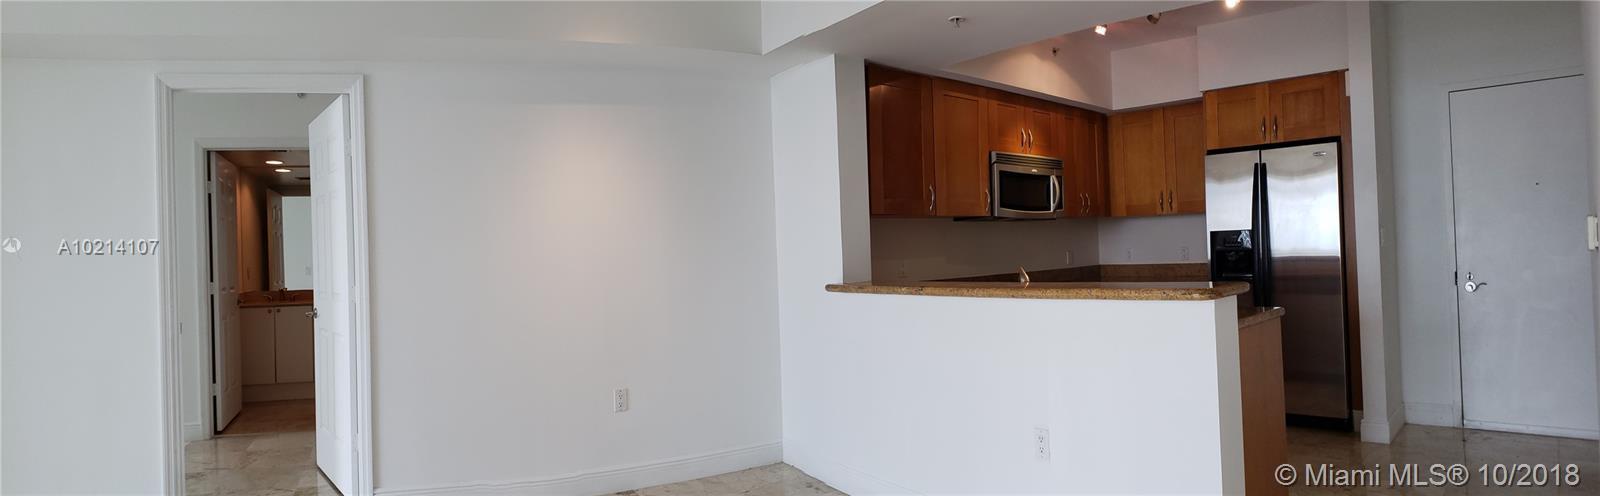 1745 E Hallandale Beach Blvd #1408W For Sale A10214107, FL